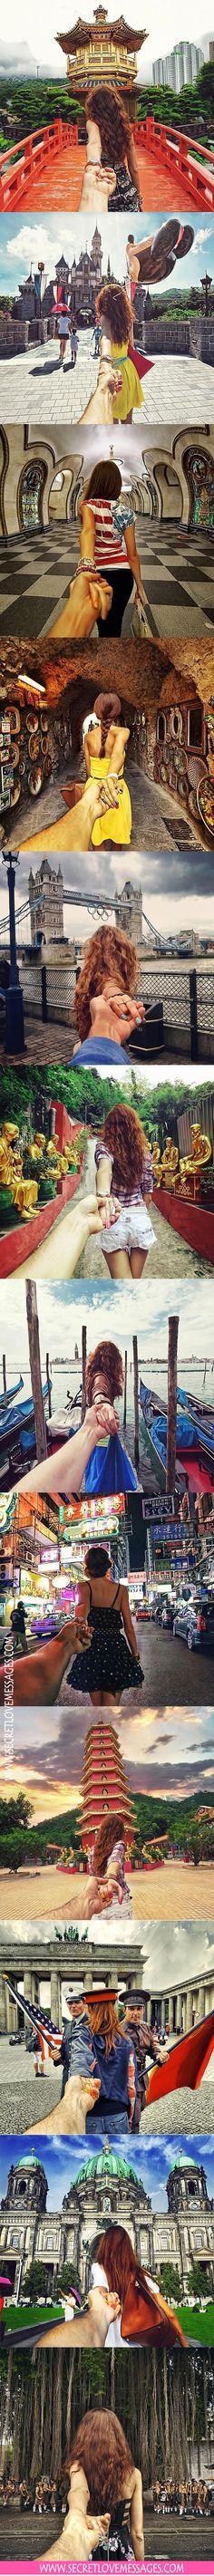 Tu y yo amorcito viajando por el mundo❤️ -SM